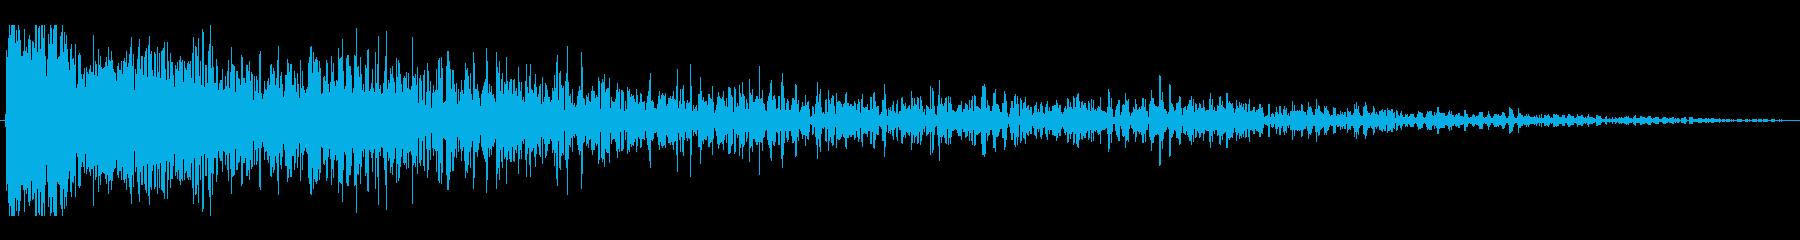 レーザービーム(ロケットエンジン風な音)の再生済みの波形